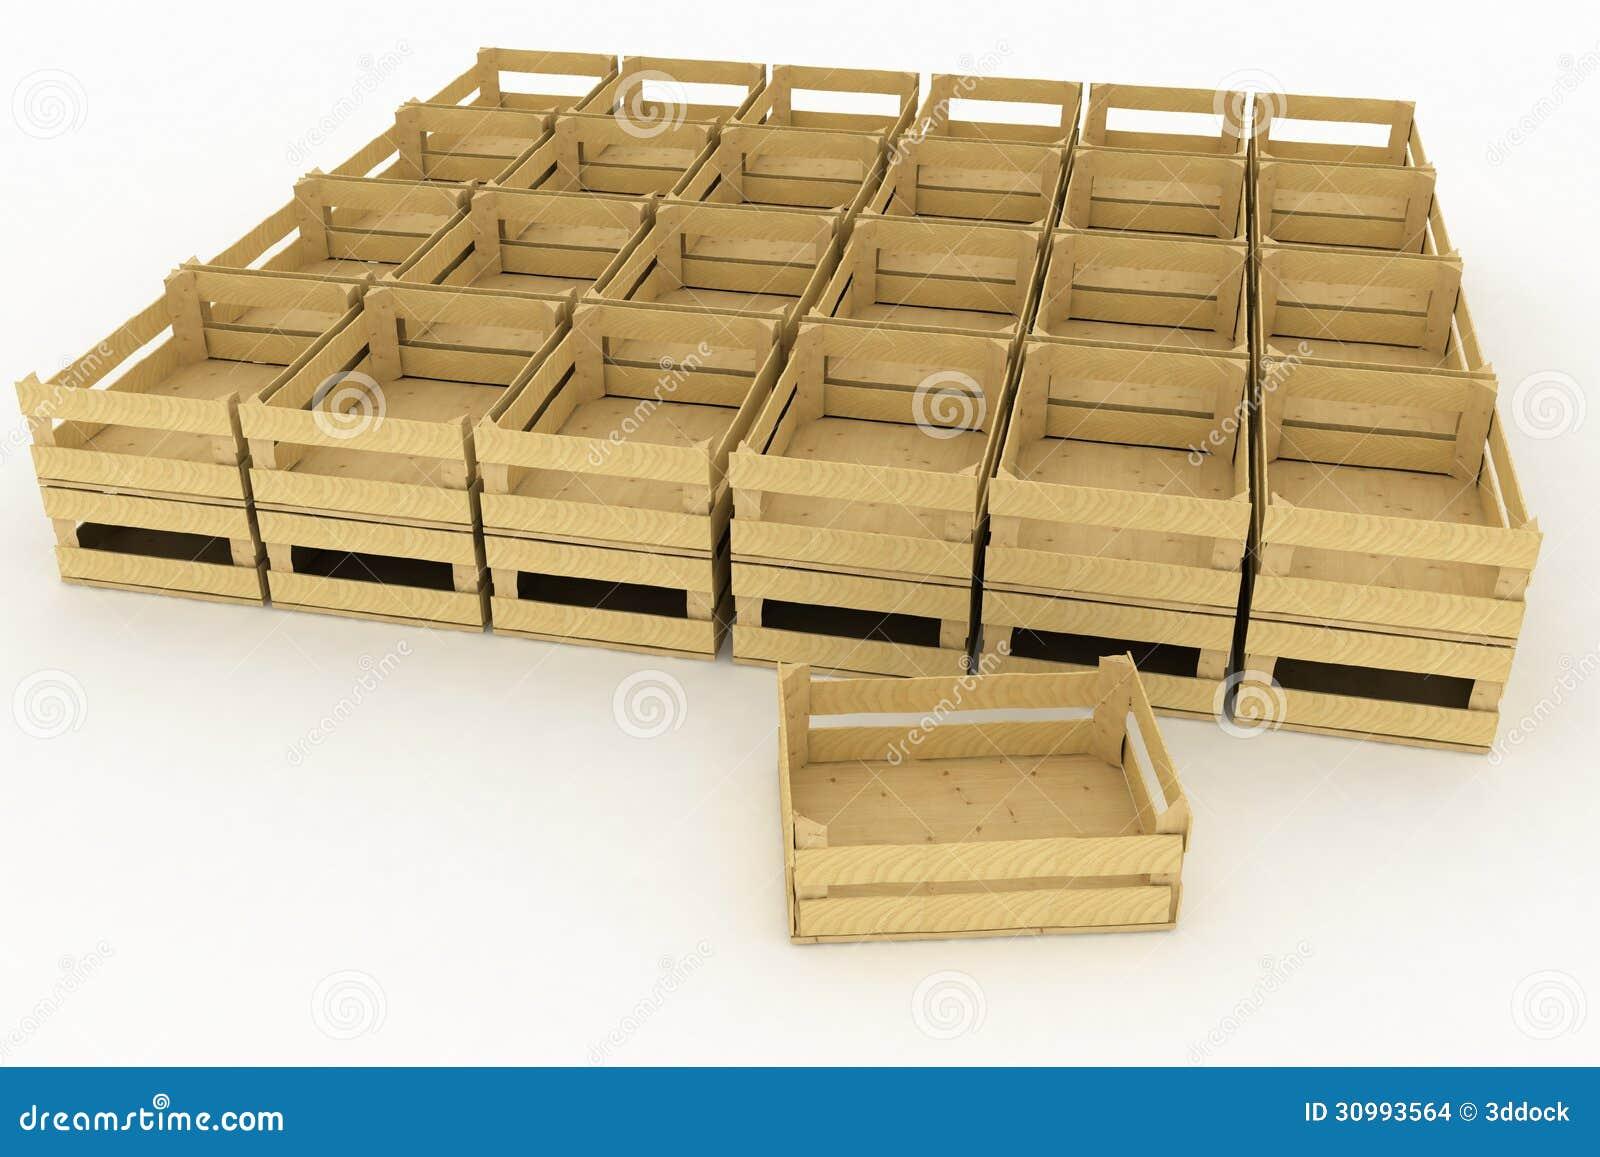 cajas de madera vacas - Cajas De Madera De Fruta